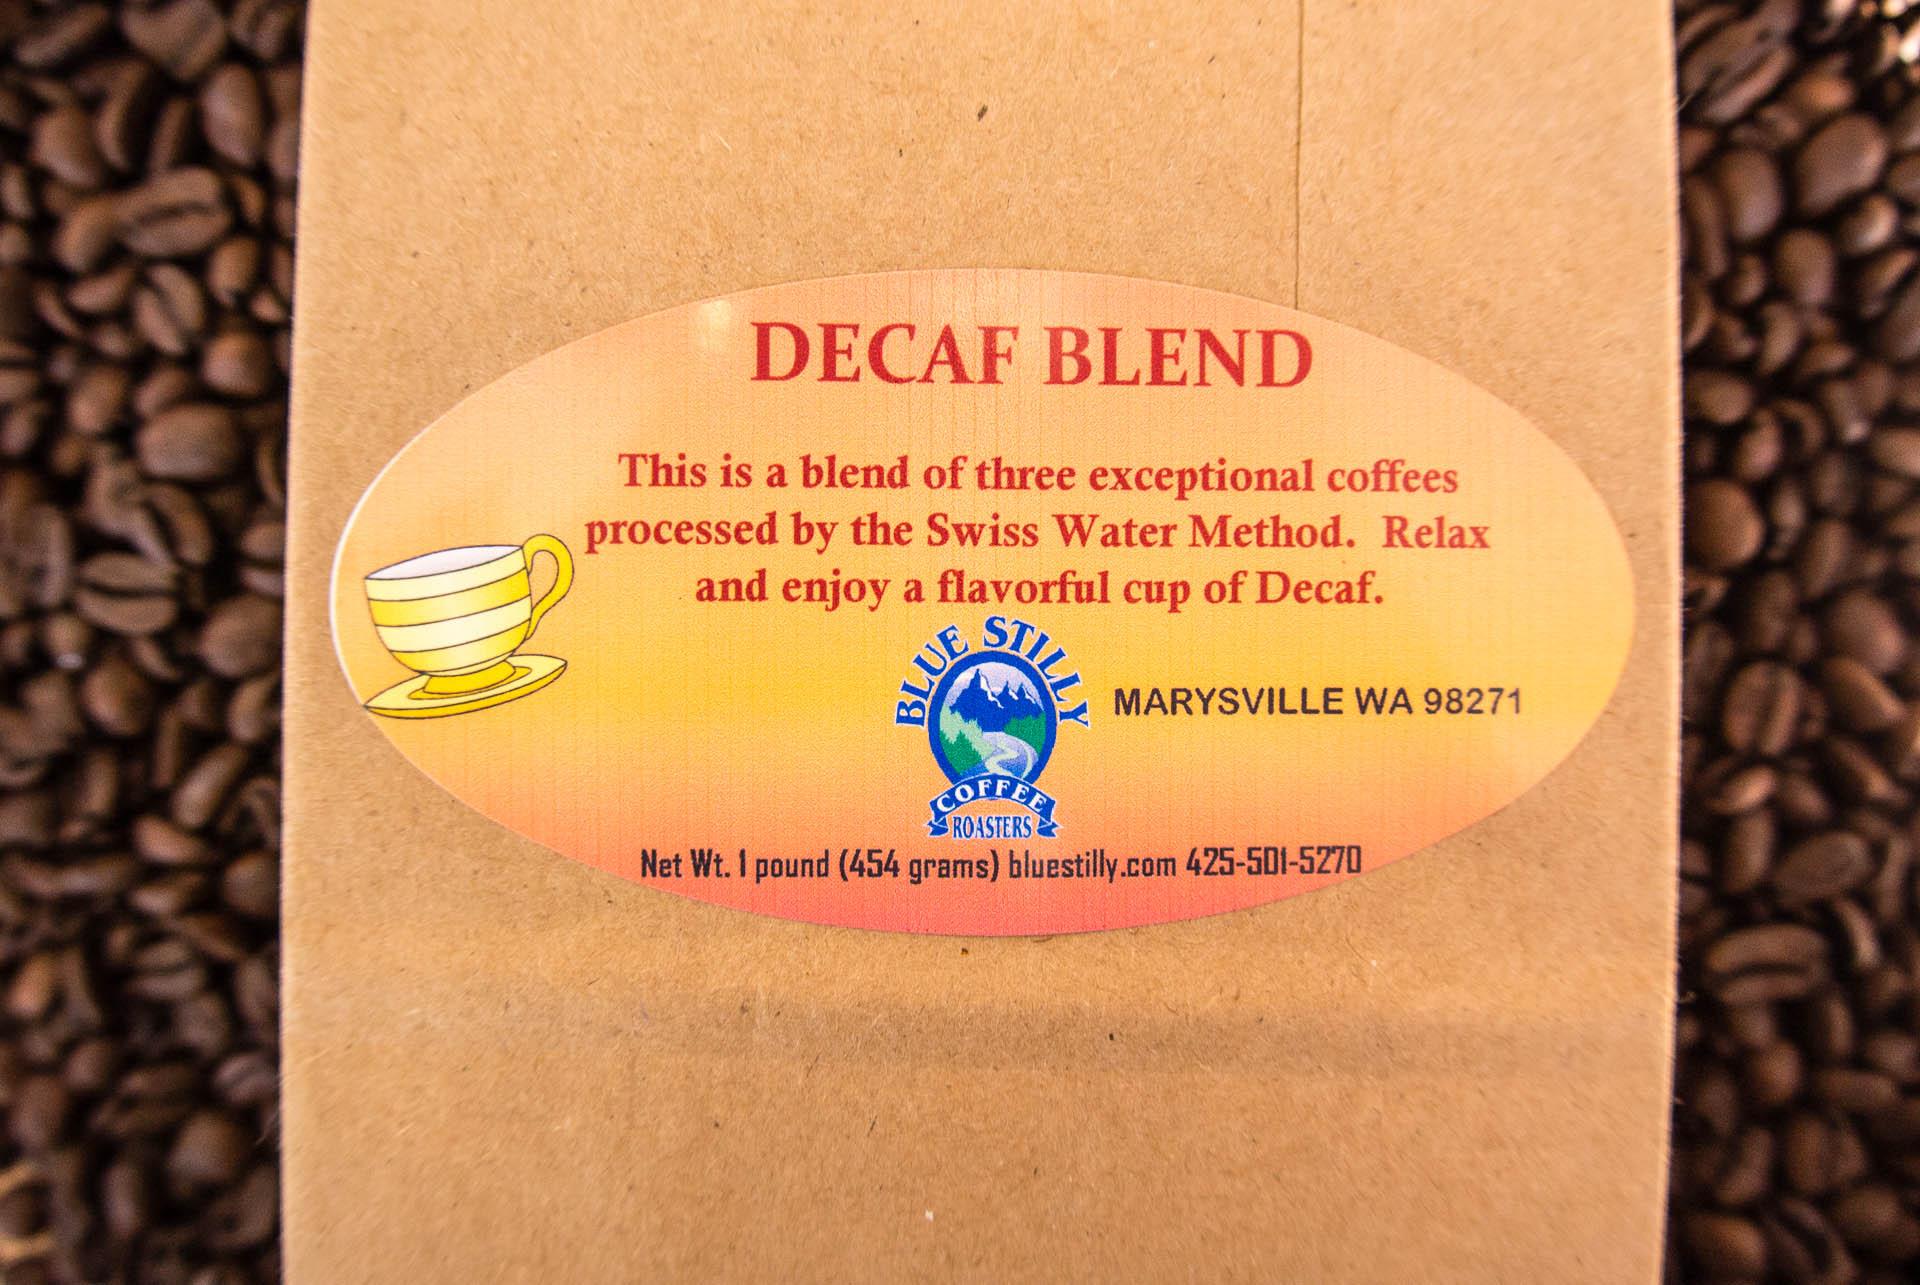 Decaf Blend